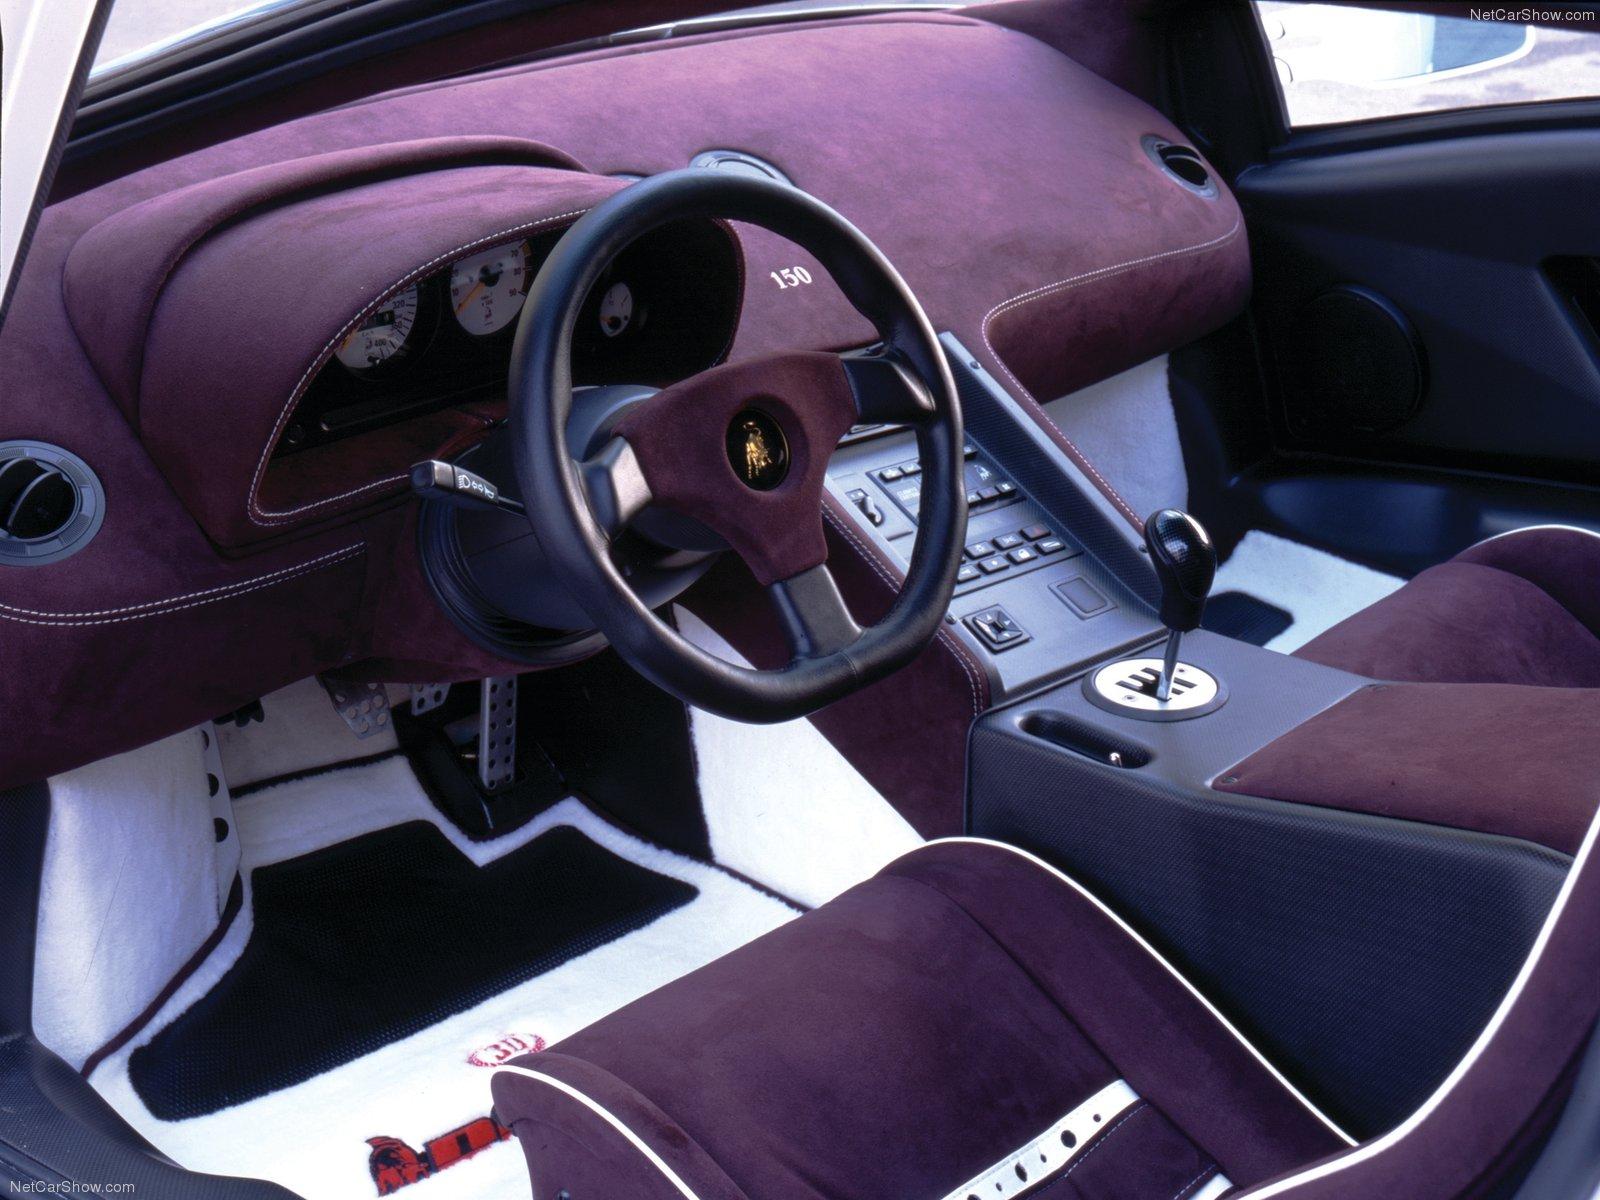 Hình ảnh siêu xe Lamborghini Diablo SE 1994 & nội ngoại thất